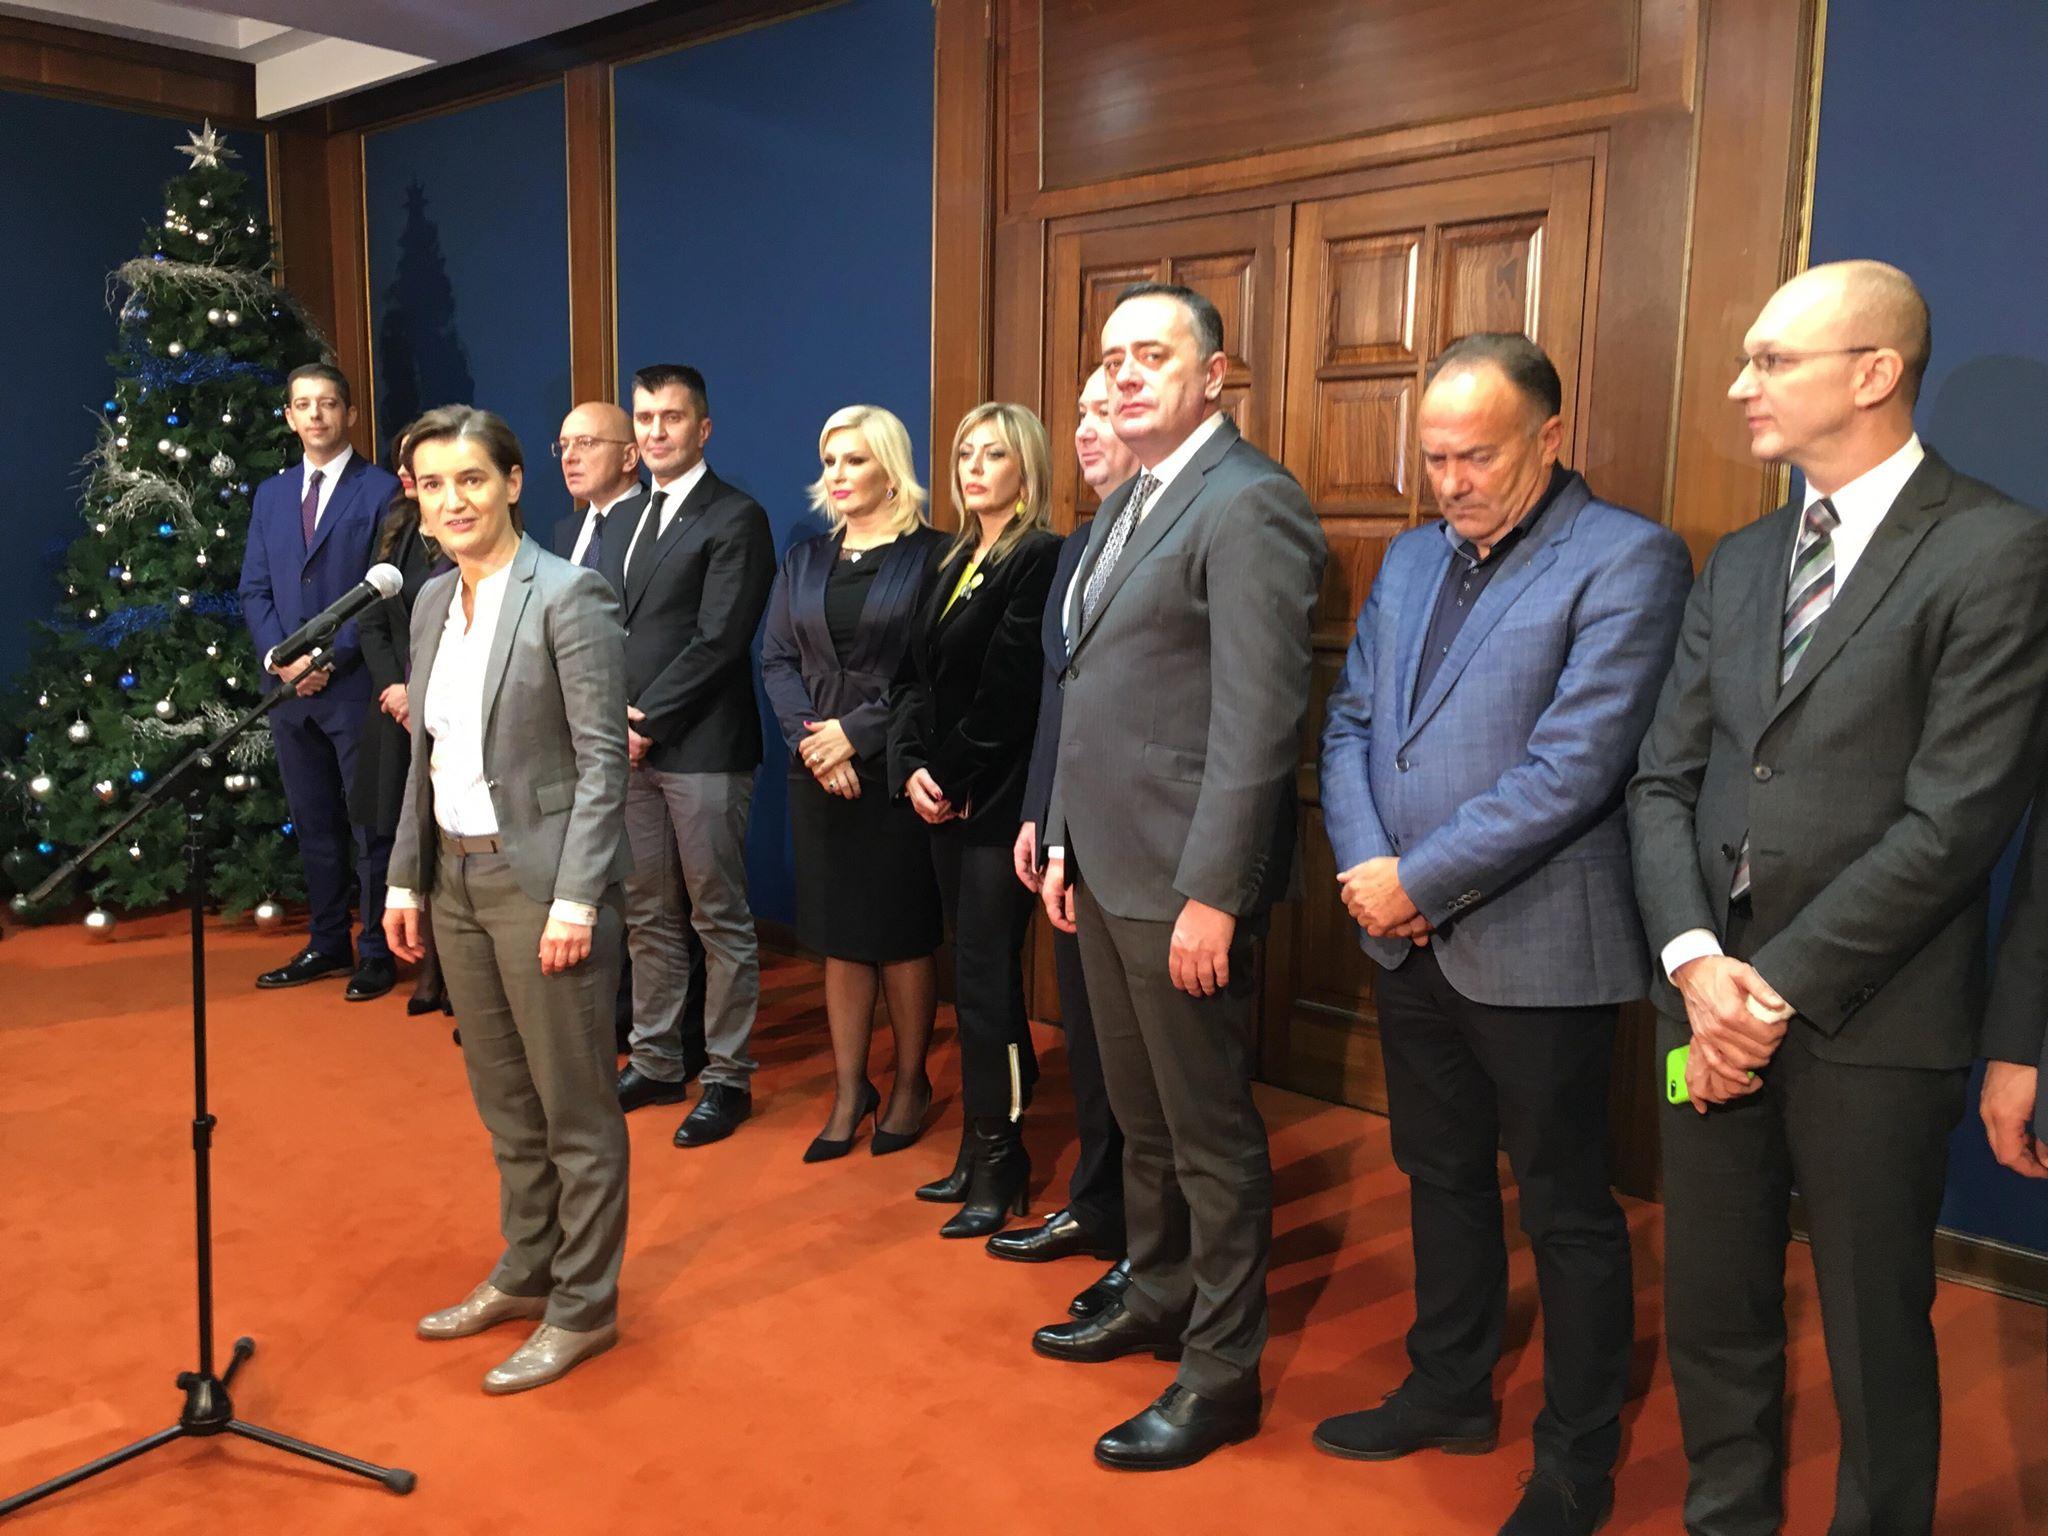 Urednici Danasa poklonili premijerki i ministrima Koraksove kalendare 2